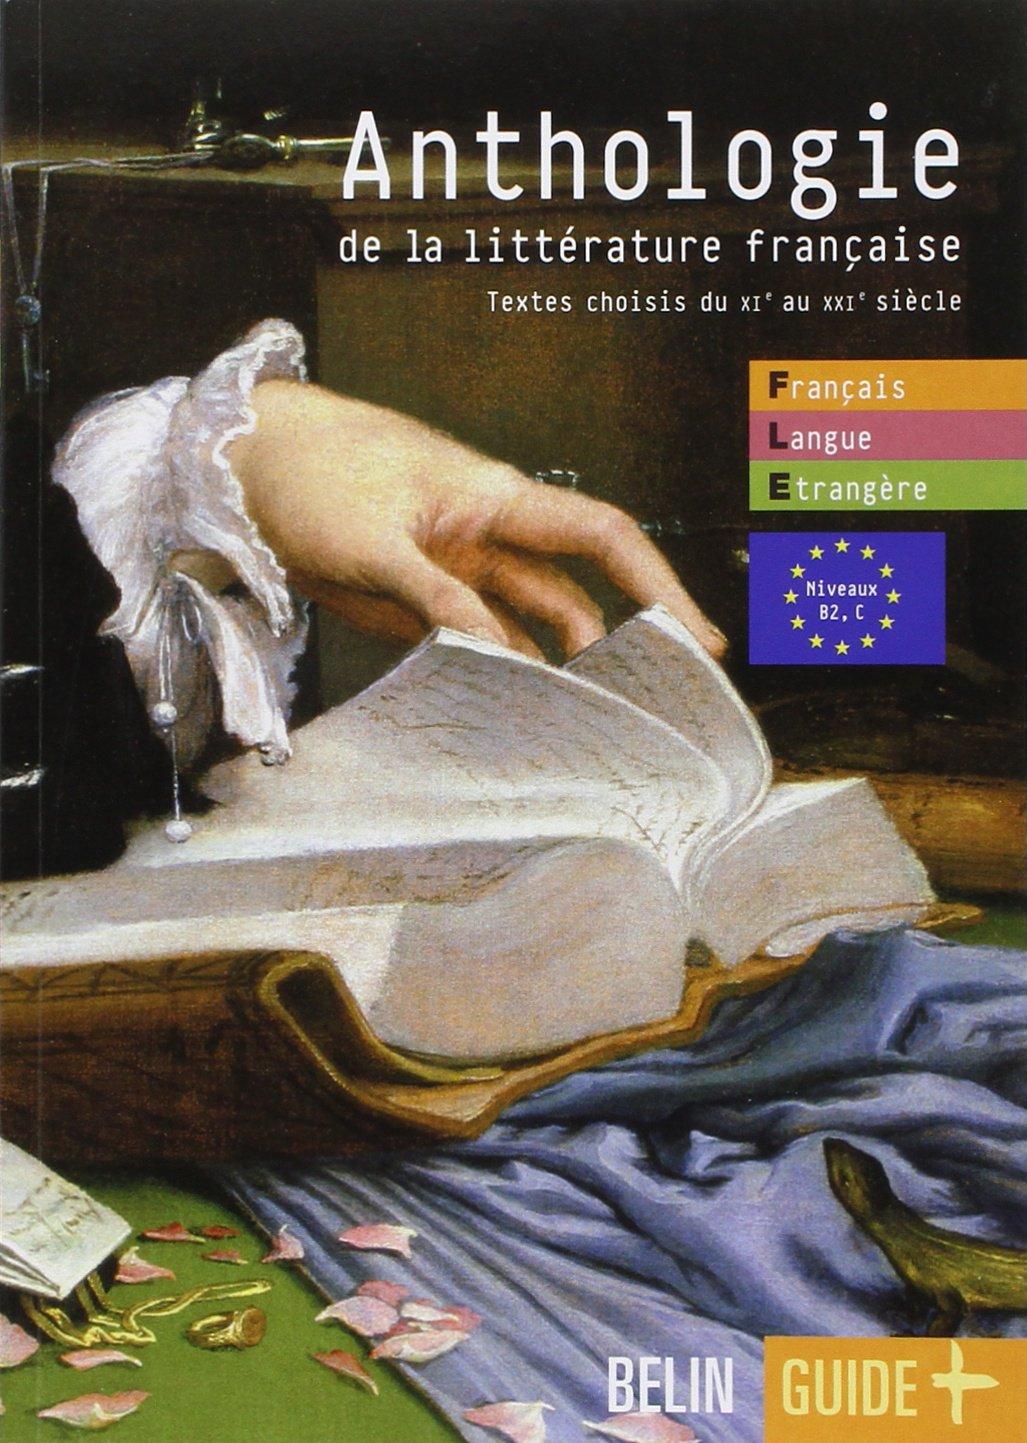 Amazon.fr - Anthologie de la littérature française : Textes choisis du XIe  au XXIe siècle - Jean-Louis Boursin - Livres